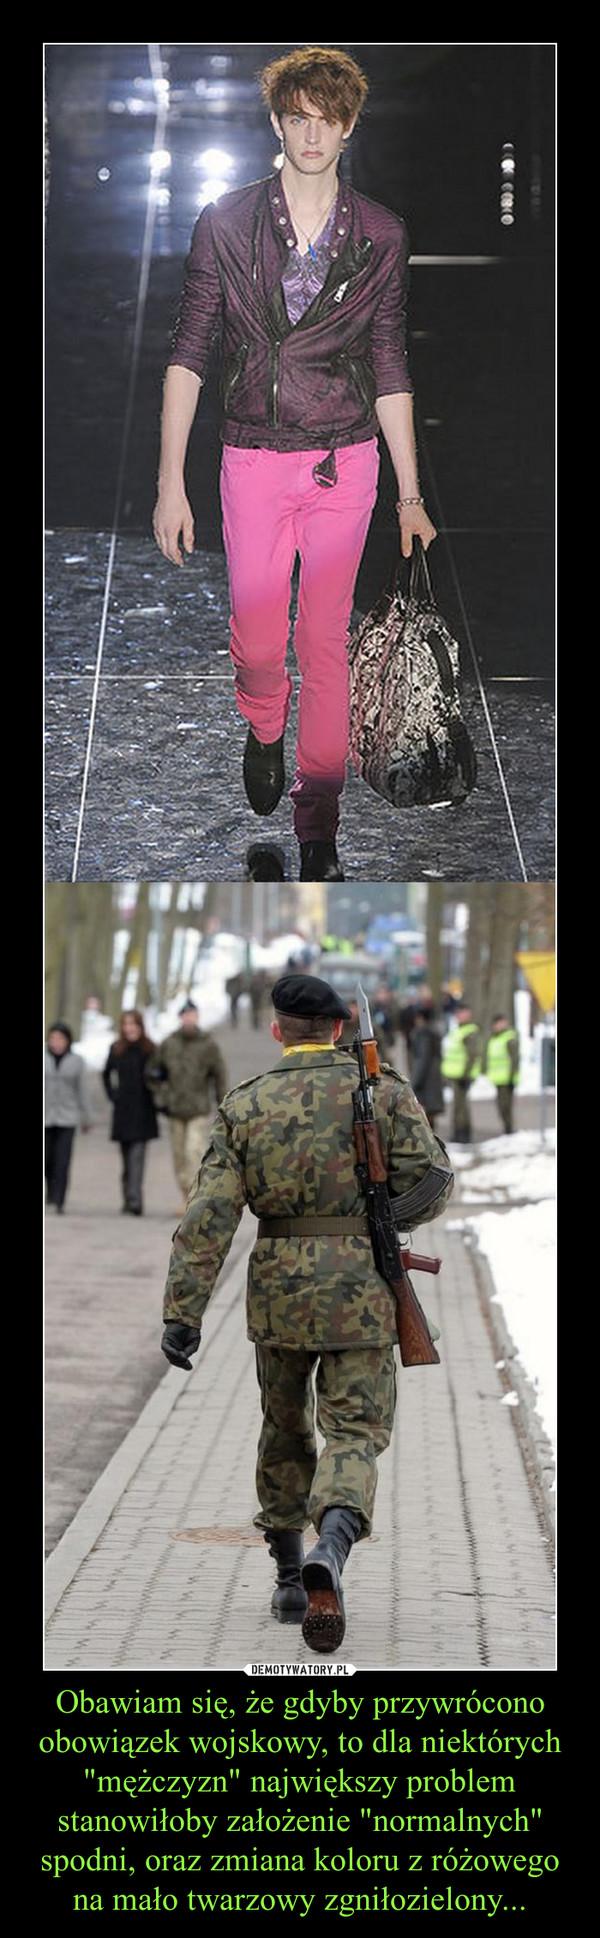 """Obawiam się, że gdyby przywrócono obowiązek wojskowy, to dla niektórych """"mężczyzn"""" największy problem stanowiłoby założenie """"normalnych"""" spodni, oraz zmiana koloru z różowego na mało twarzowy zgniłozielony... –"""